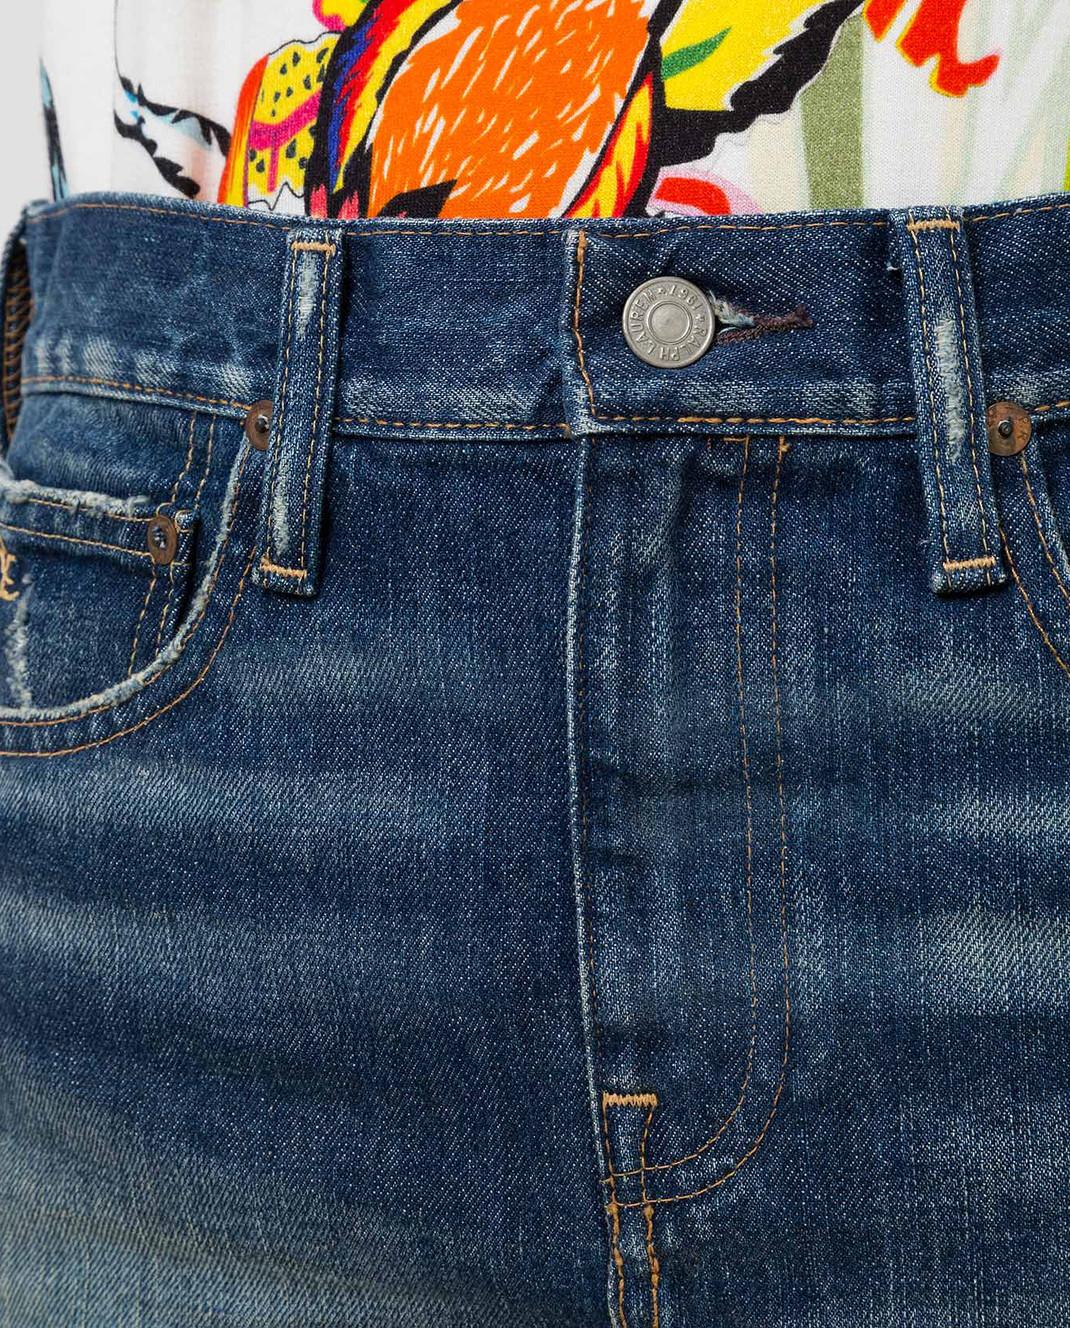 Ralph Lauren Синяя джинсовая юбка V60IH924 изображение 5